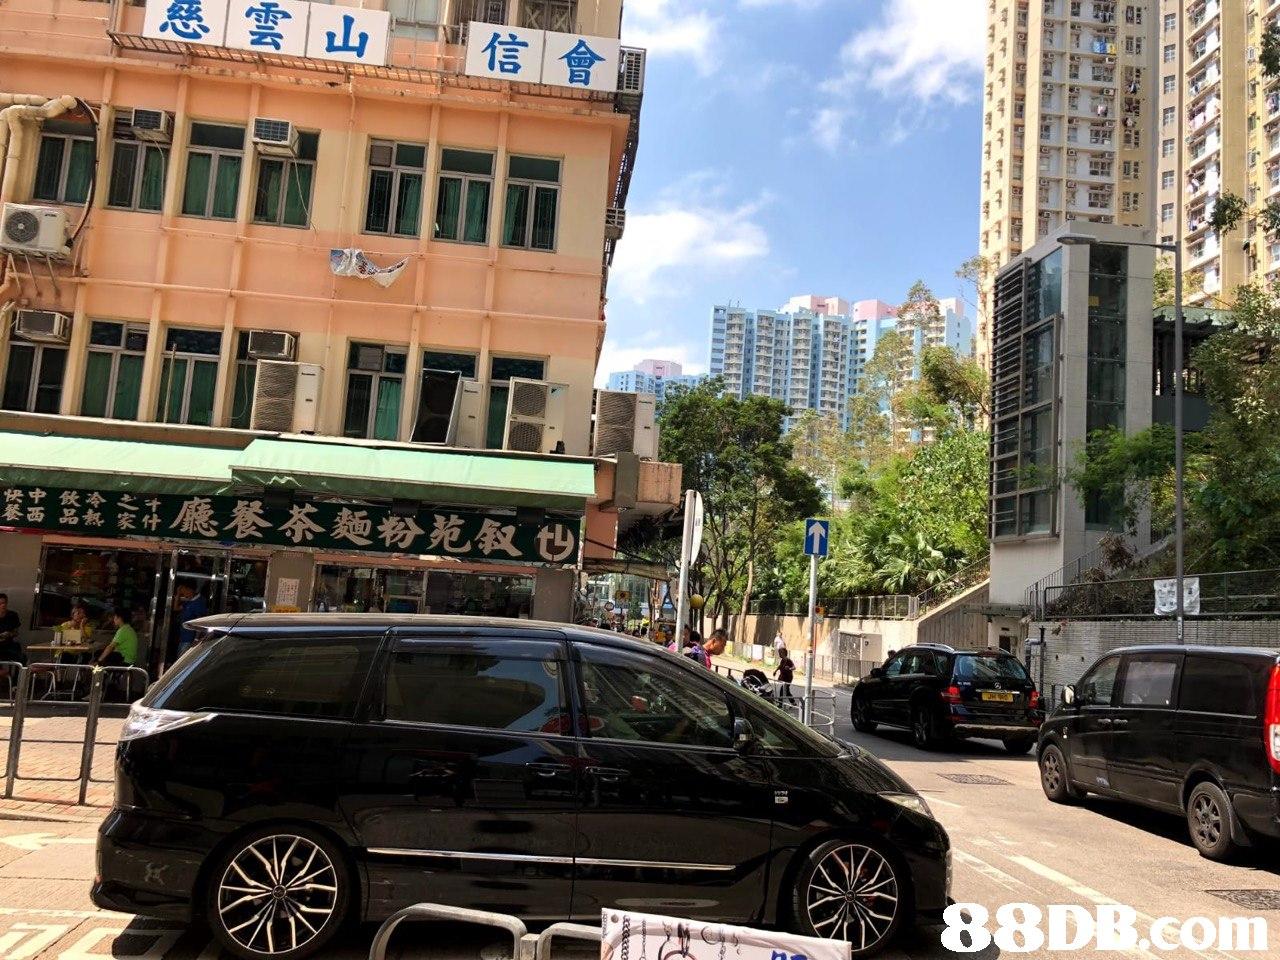 快中 餐西 飲冷之斗 品熱家什 88DB com  car,luxury vehicle,family car,vehicle,building